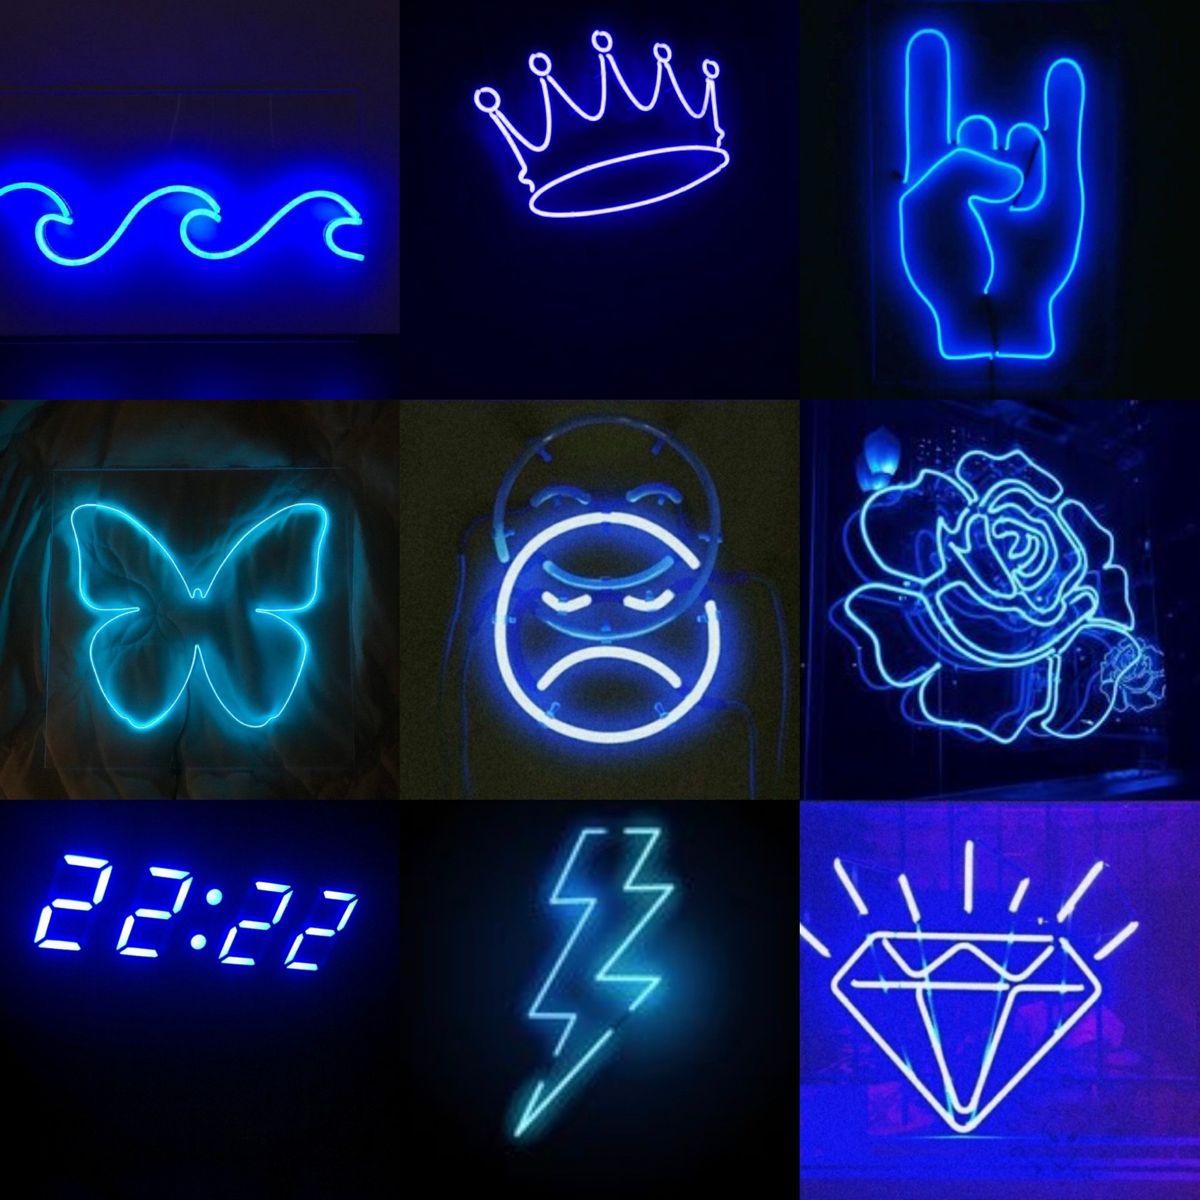 Aesthetic Dark Blue Wallpaper Blue Wallpaper Iphone Neon Wallpaper Electric blue neon neon wallpaper